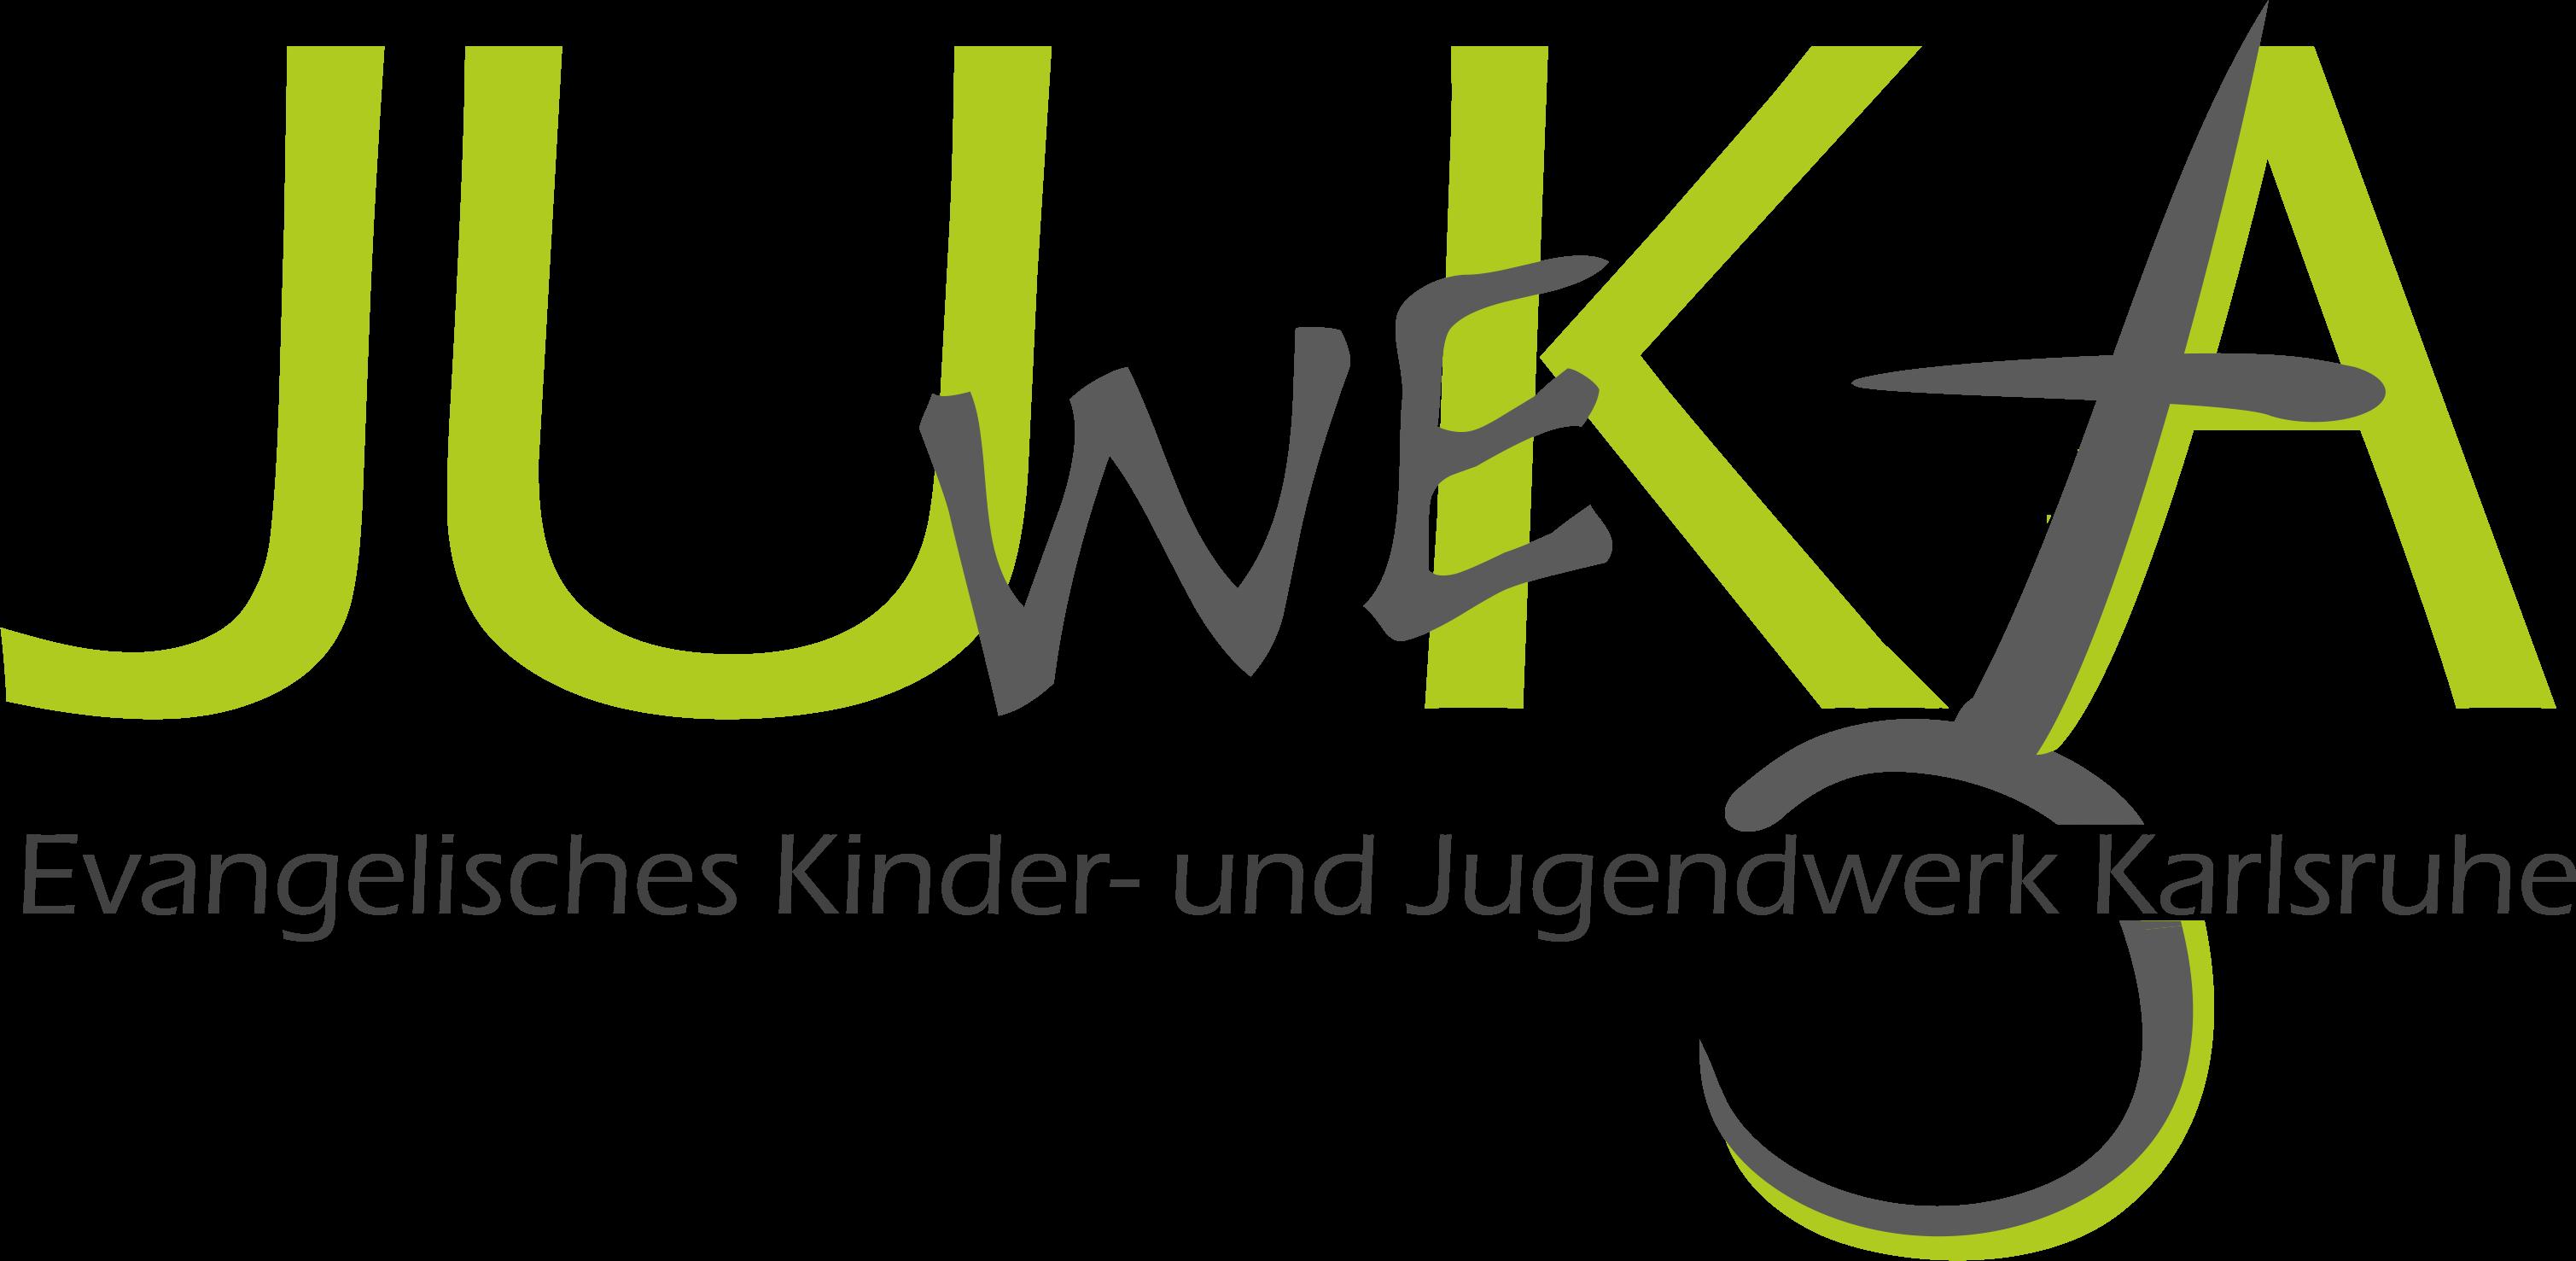 Evangelisches Jugendwerk Karlsruhe